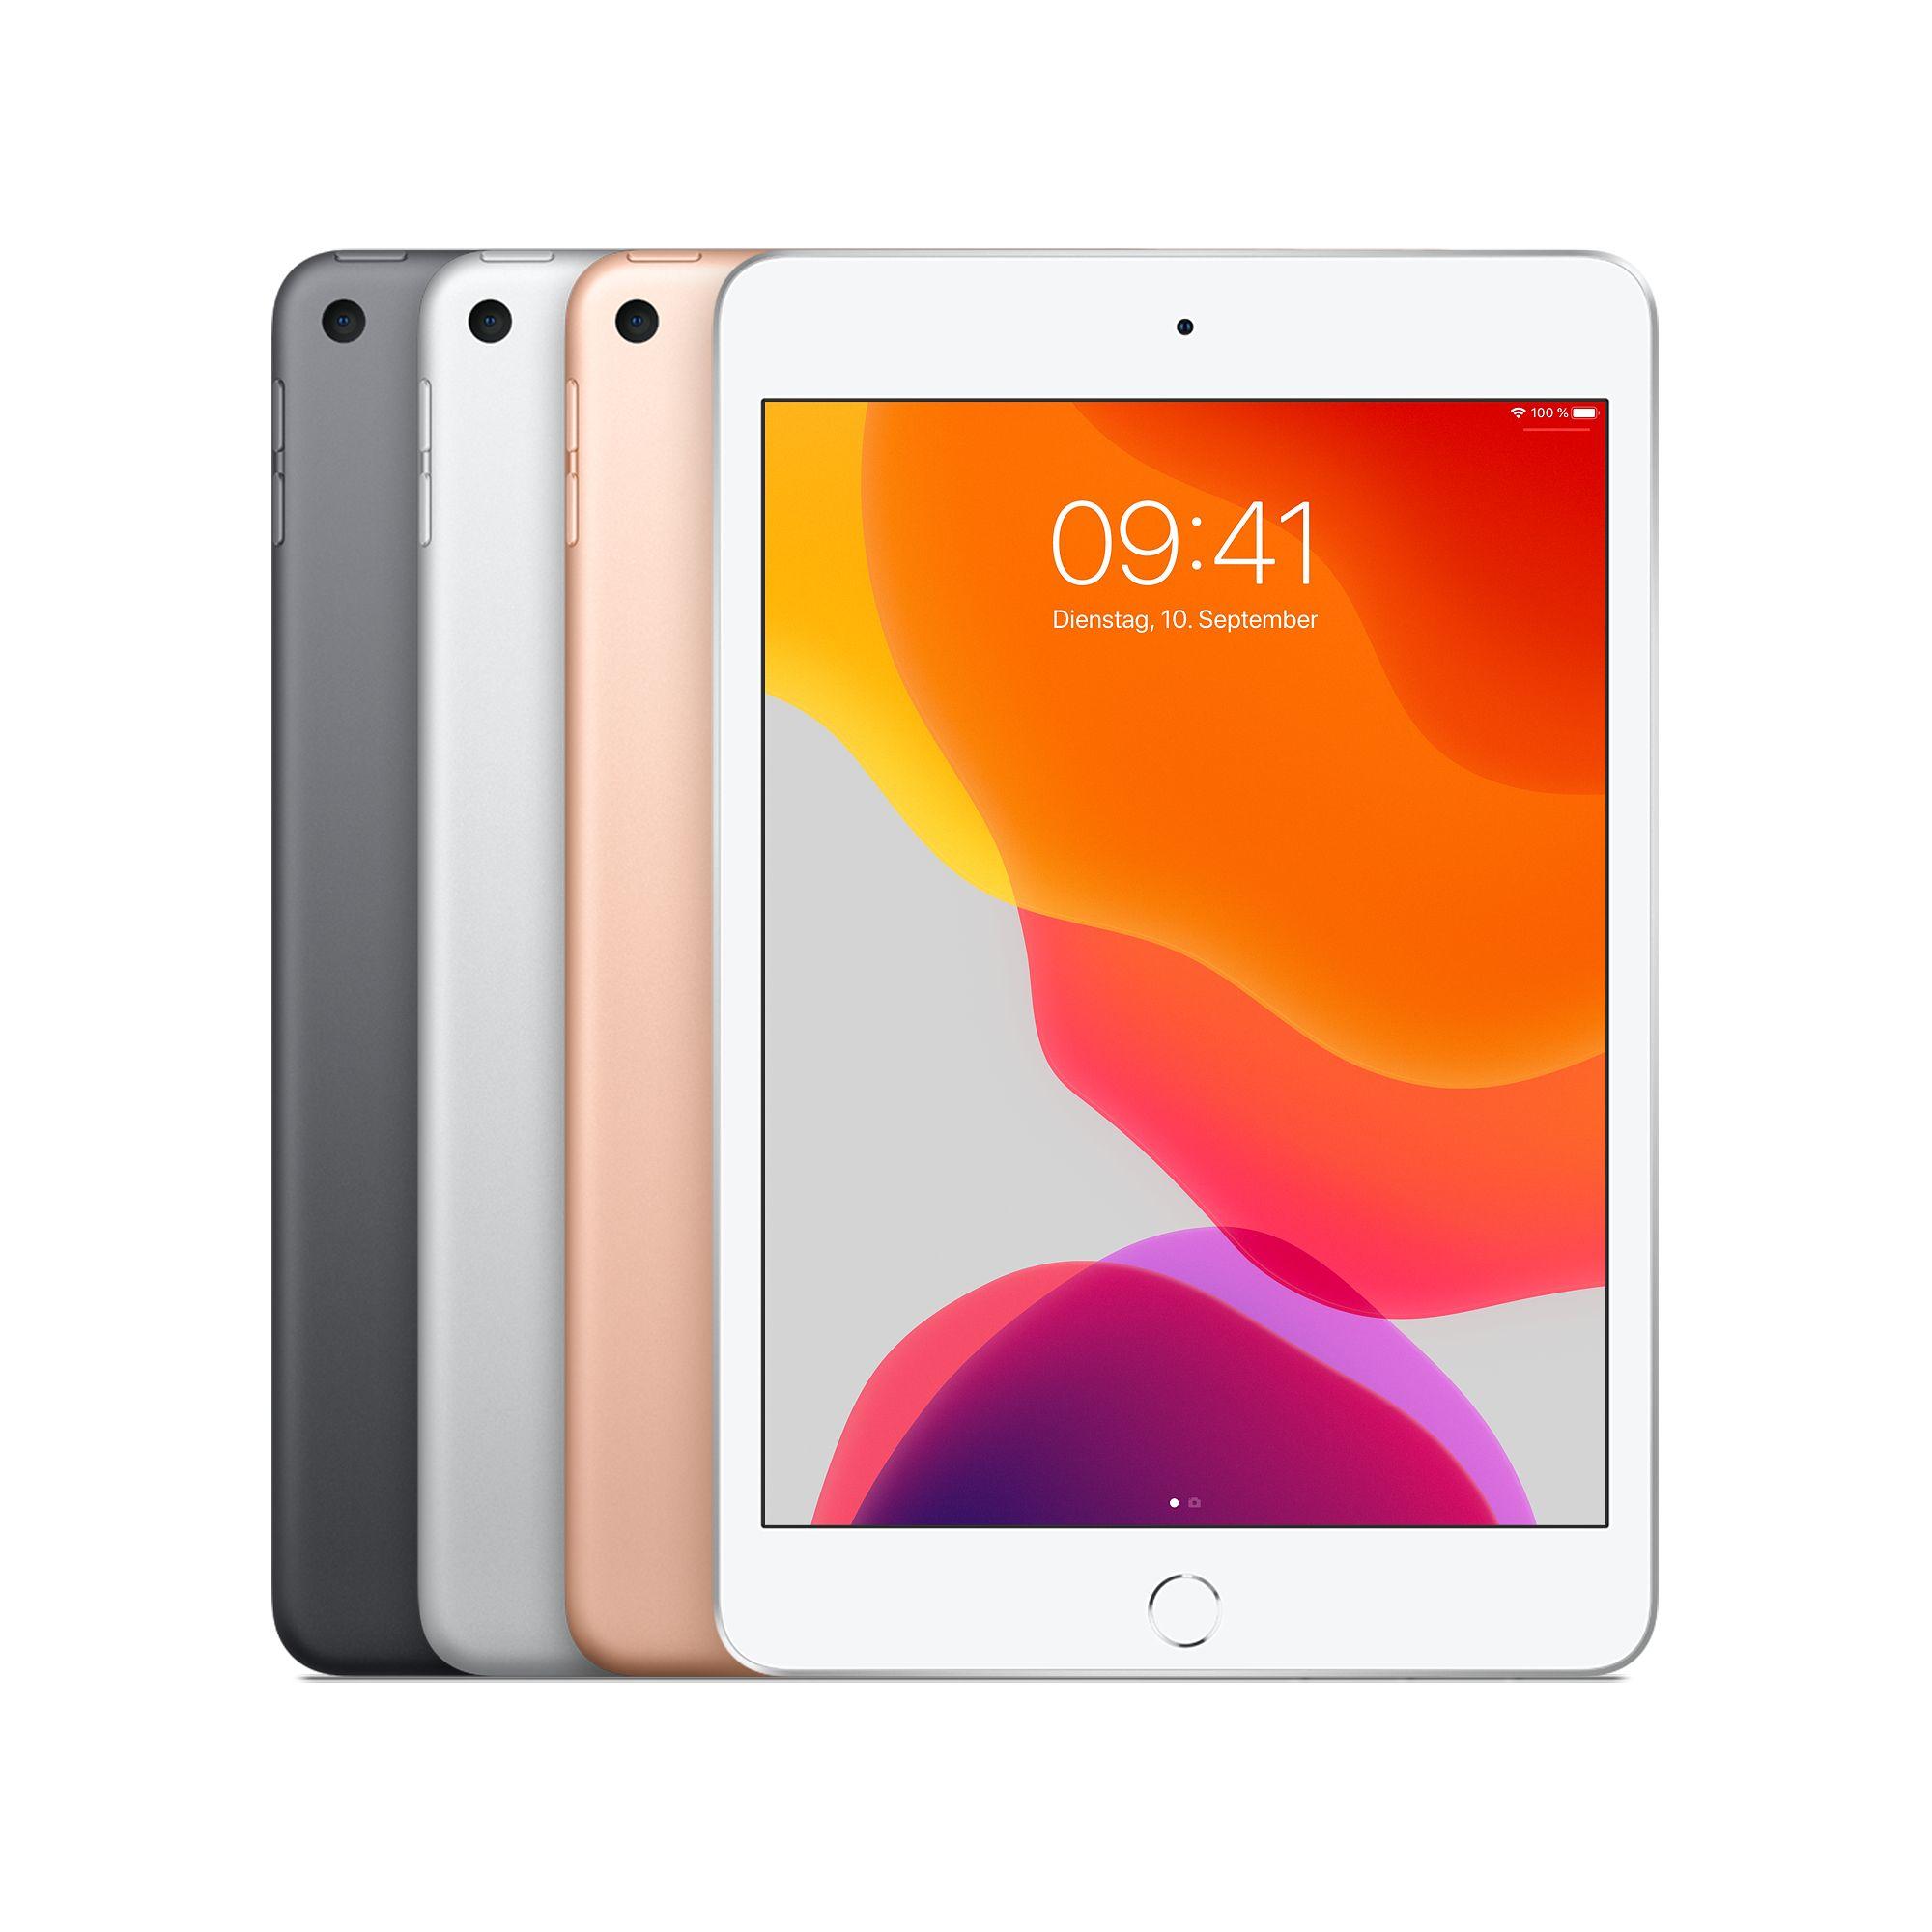 Apple iPad mini 5 mieten